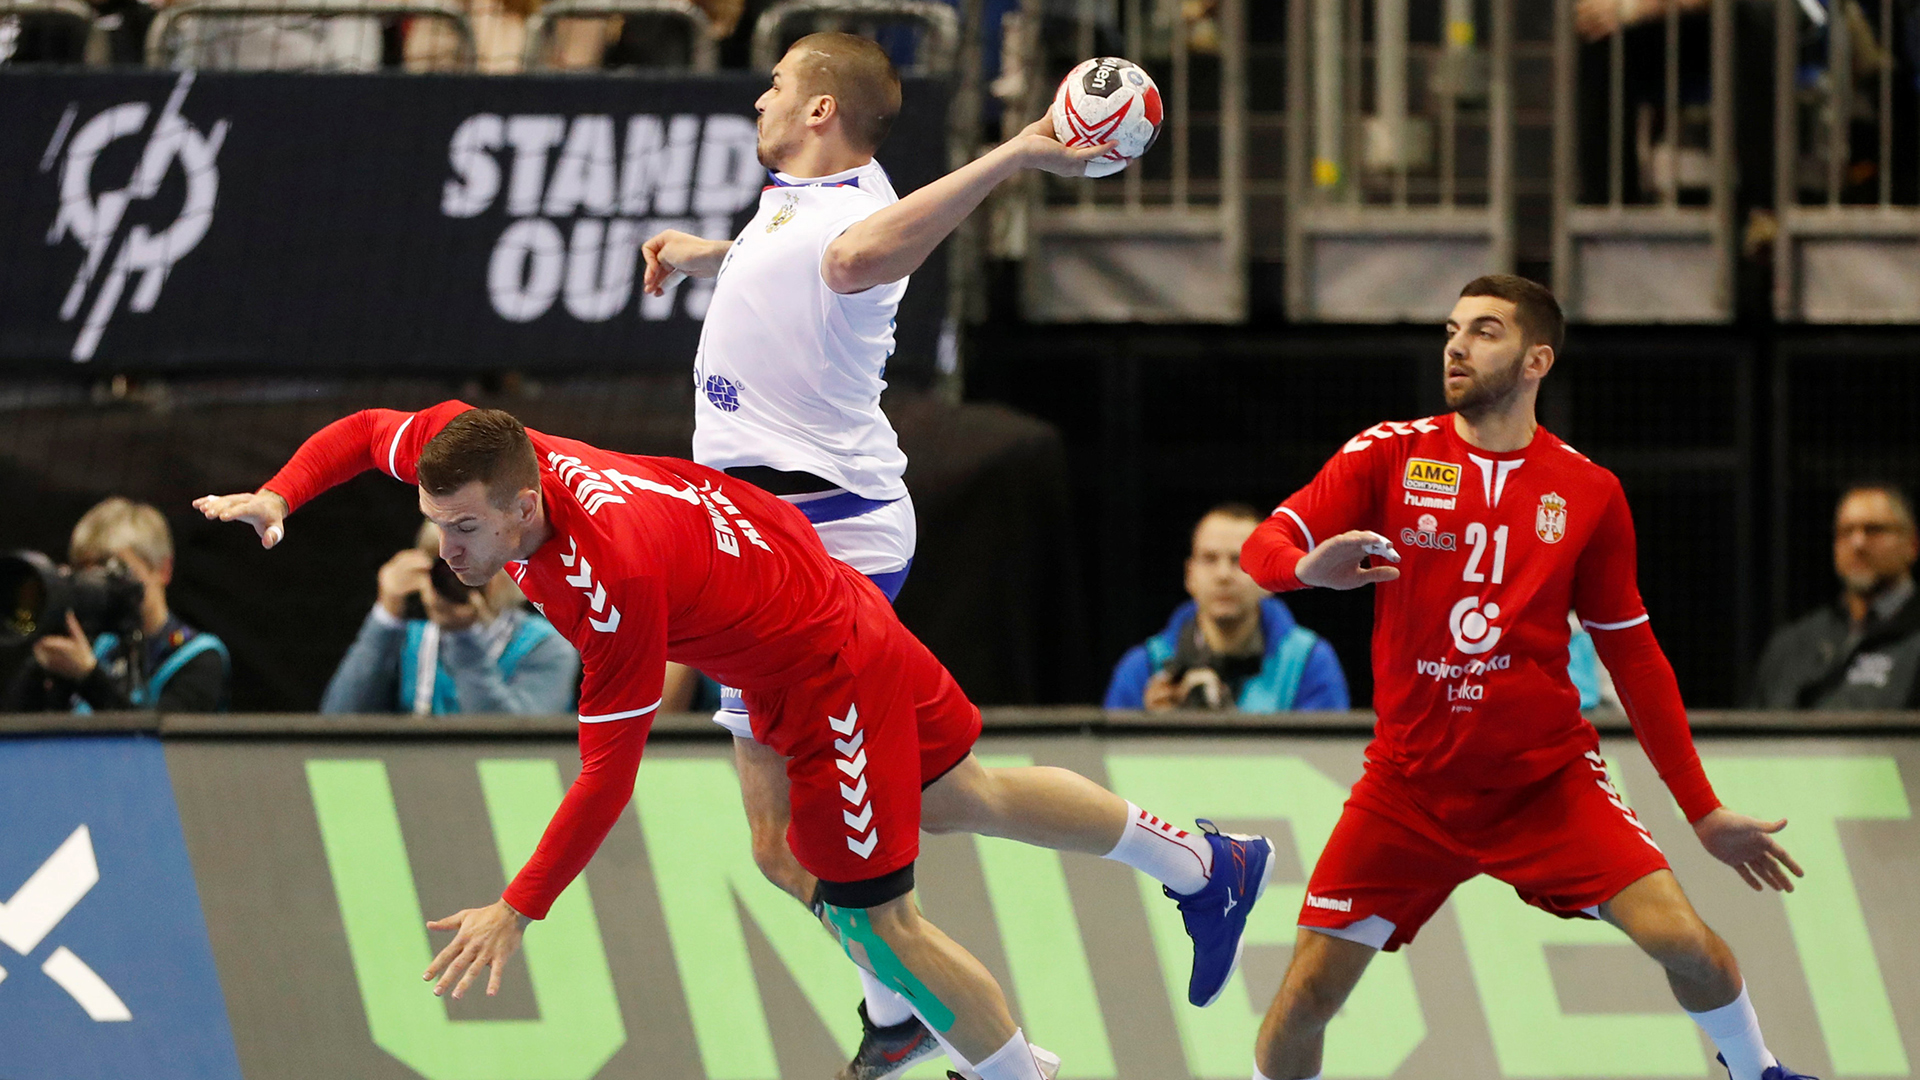 El empate 30 a 30 entre rusos y serbios favoreció a Alemania, que lidera el Grupo A después de vencer a Corea 30 a 19 (REUTERS)